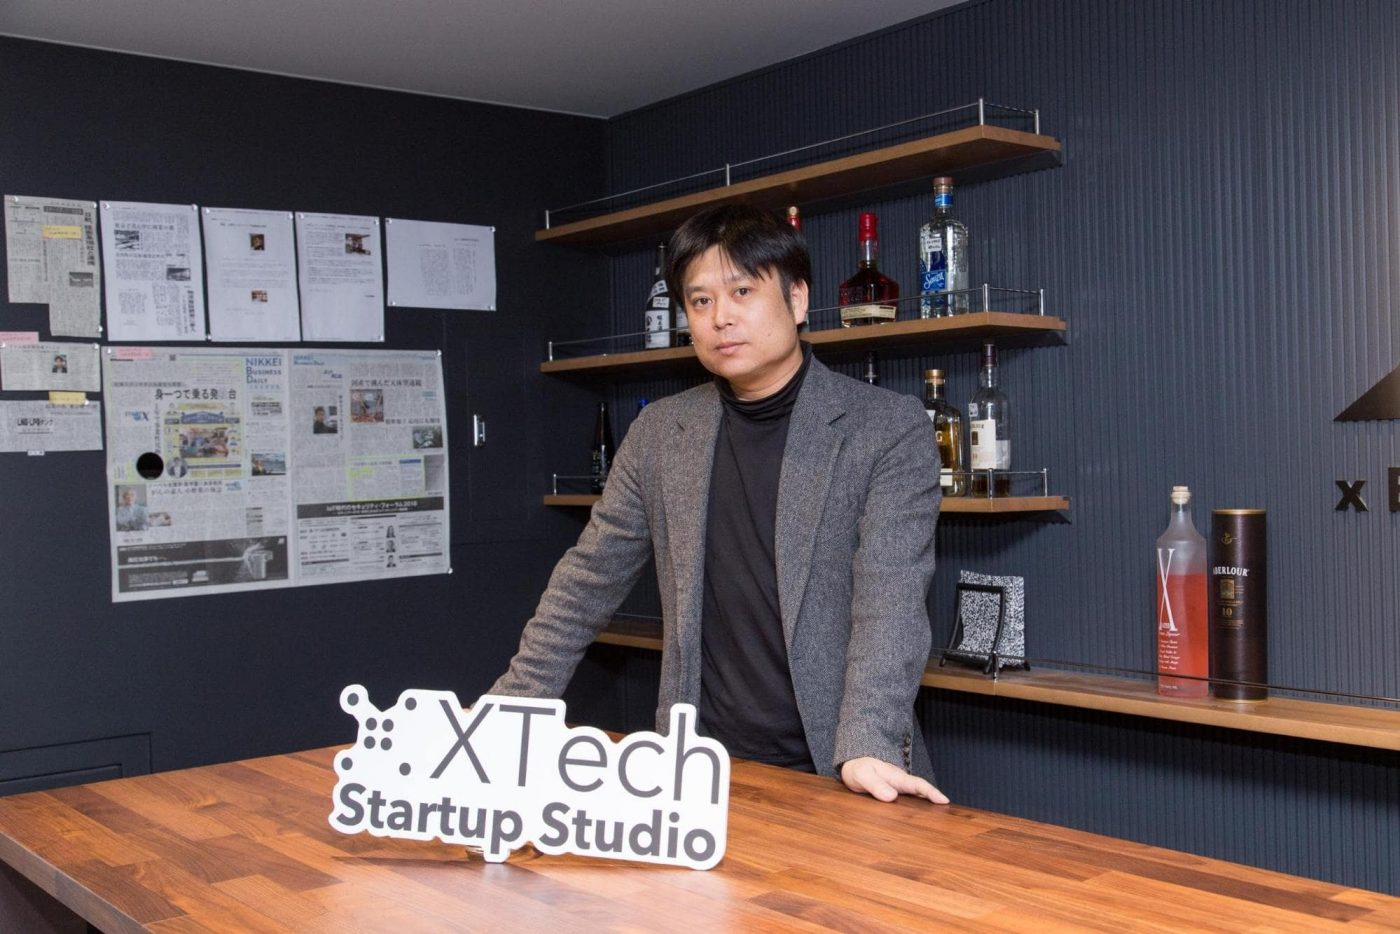 日本ではミドル層の起業はリスクが高いとされているように思います。ただ、僕としてはミドル層こそ、スタートアップを盛り上げていくべきなのではと思うのです。業界経験があることってなによりも強いですし、シリコンバレーだって、実は起業家のボリュームゾーンは30代半ばから40代です。